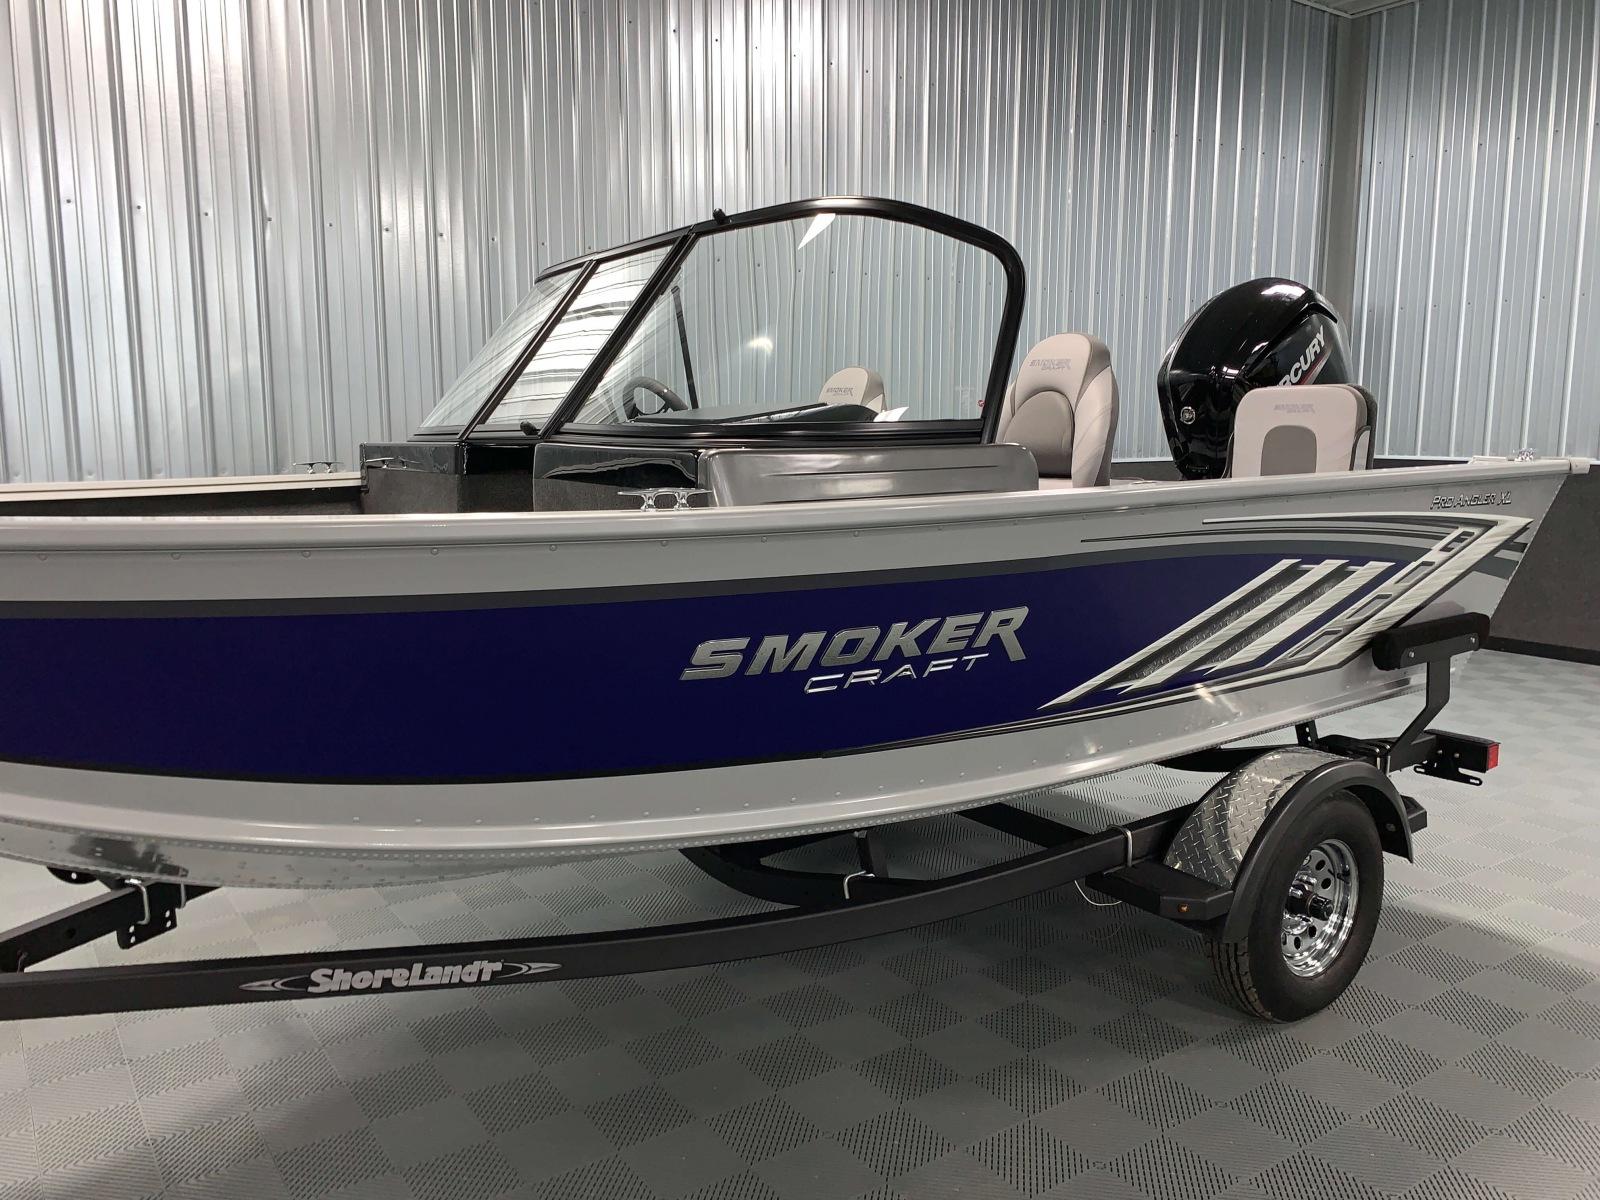 2020-Smoker-Craft-162-Pro-Angler-XL-Fishing-Boat-Blue-3